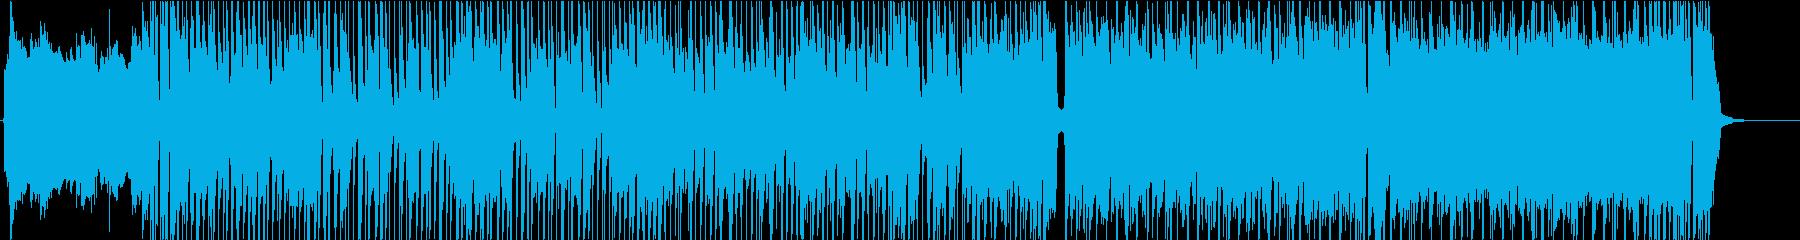 グルーヴィーなおしゃれバンド曲の再生済みの波形